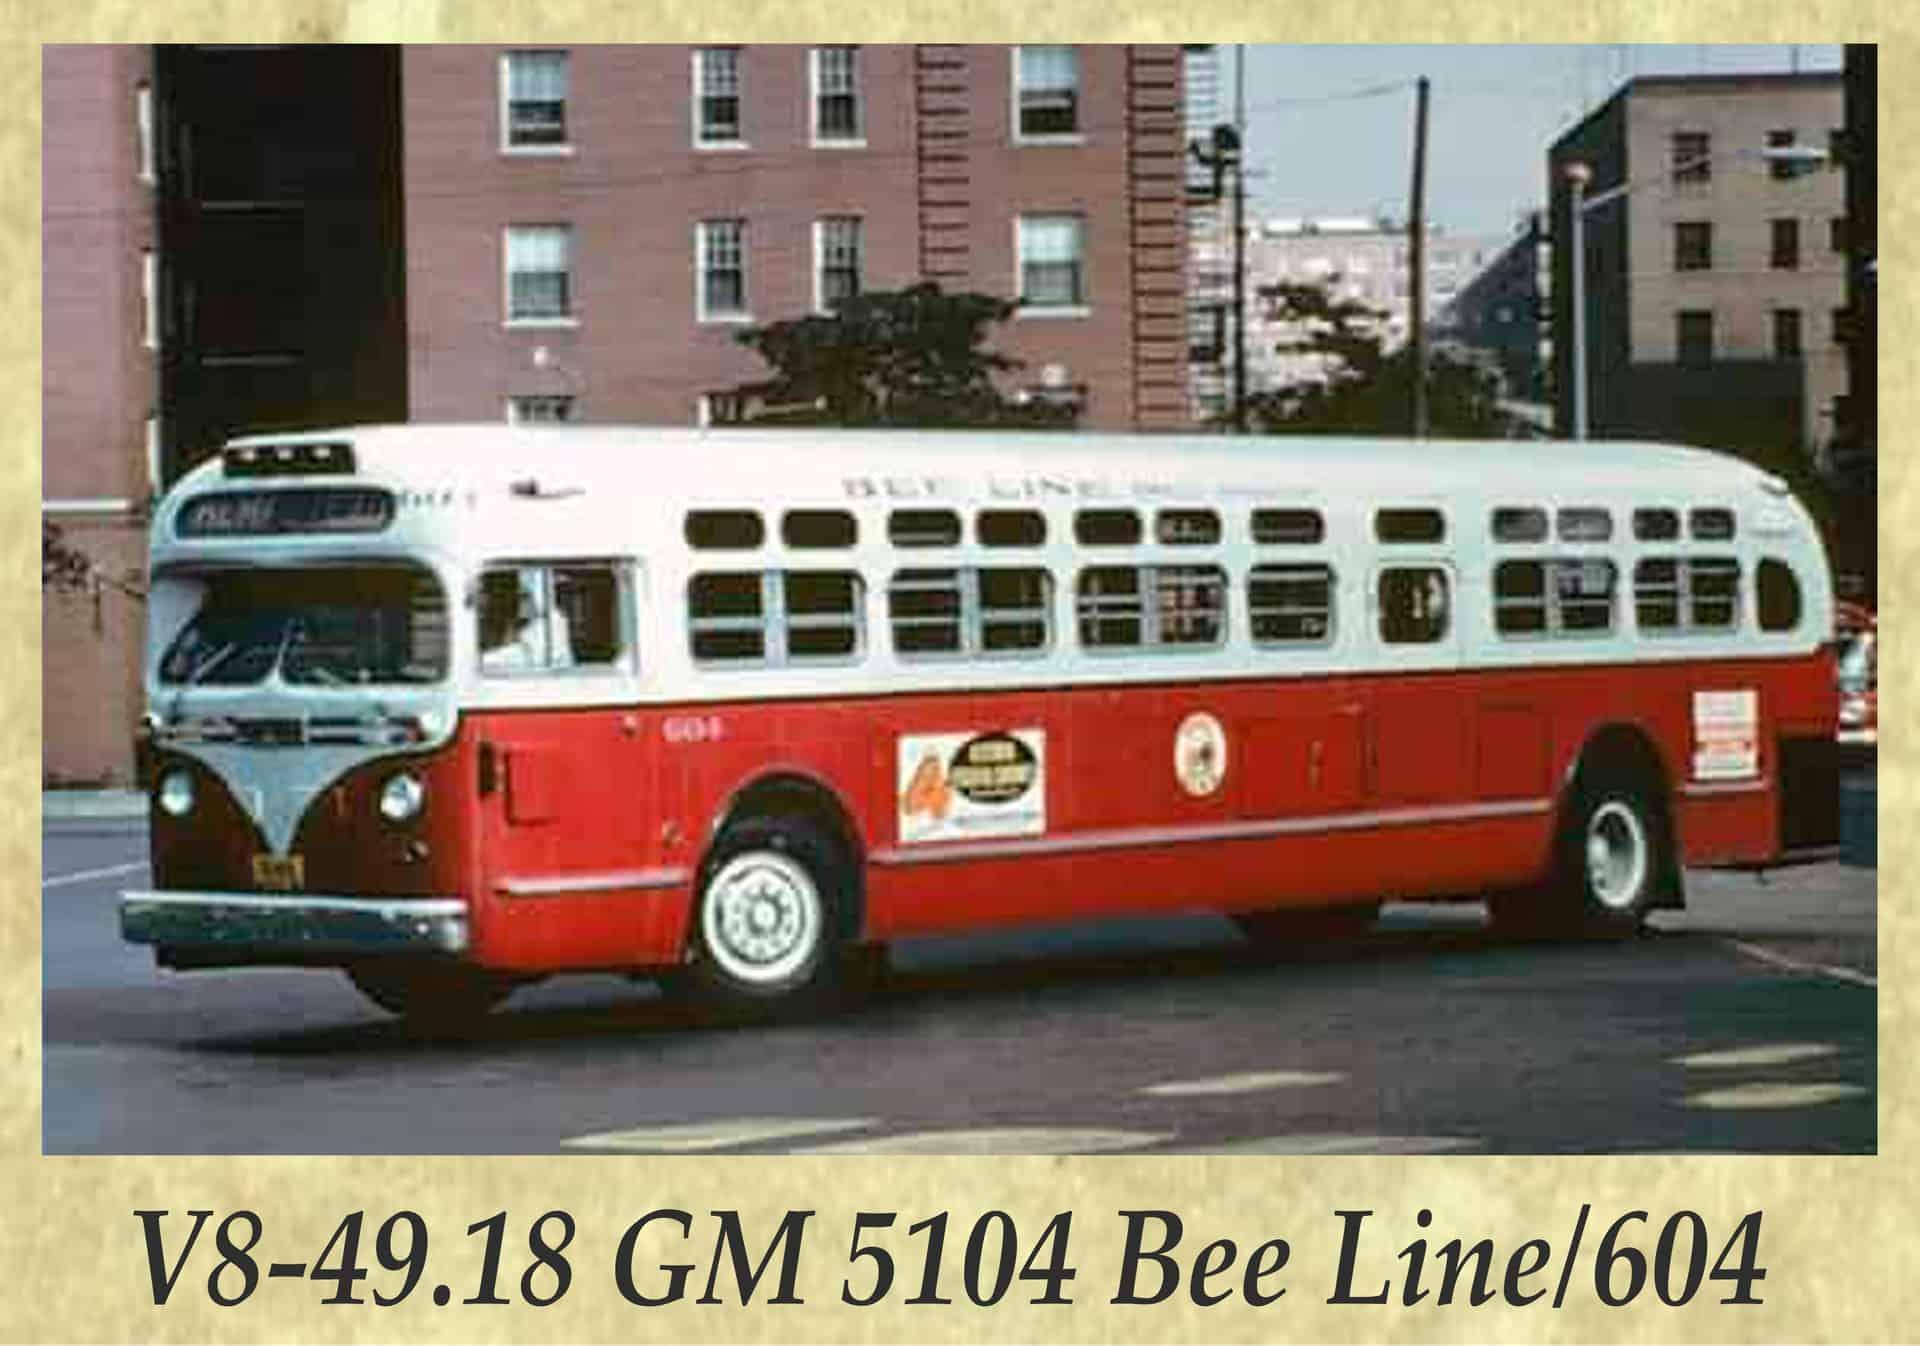 V8-49.18 GM 5104 Bee Line 604